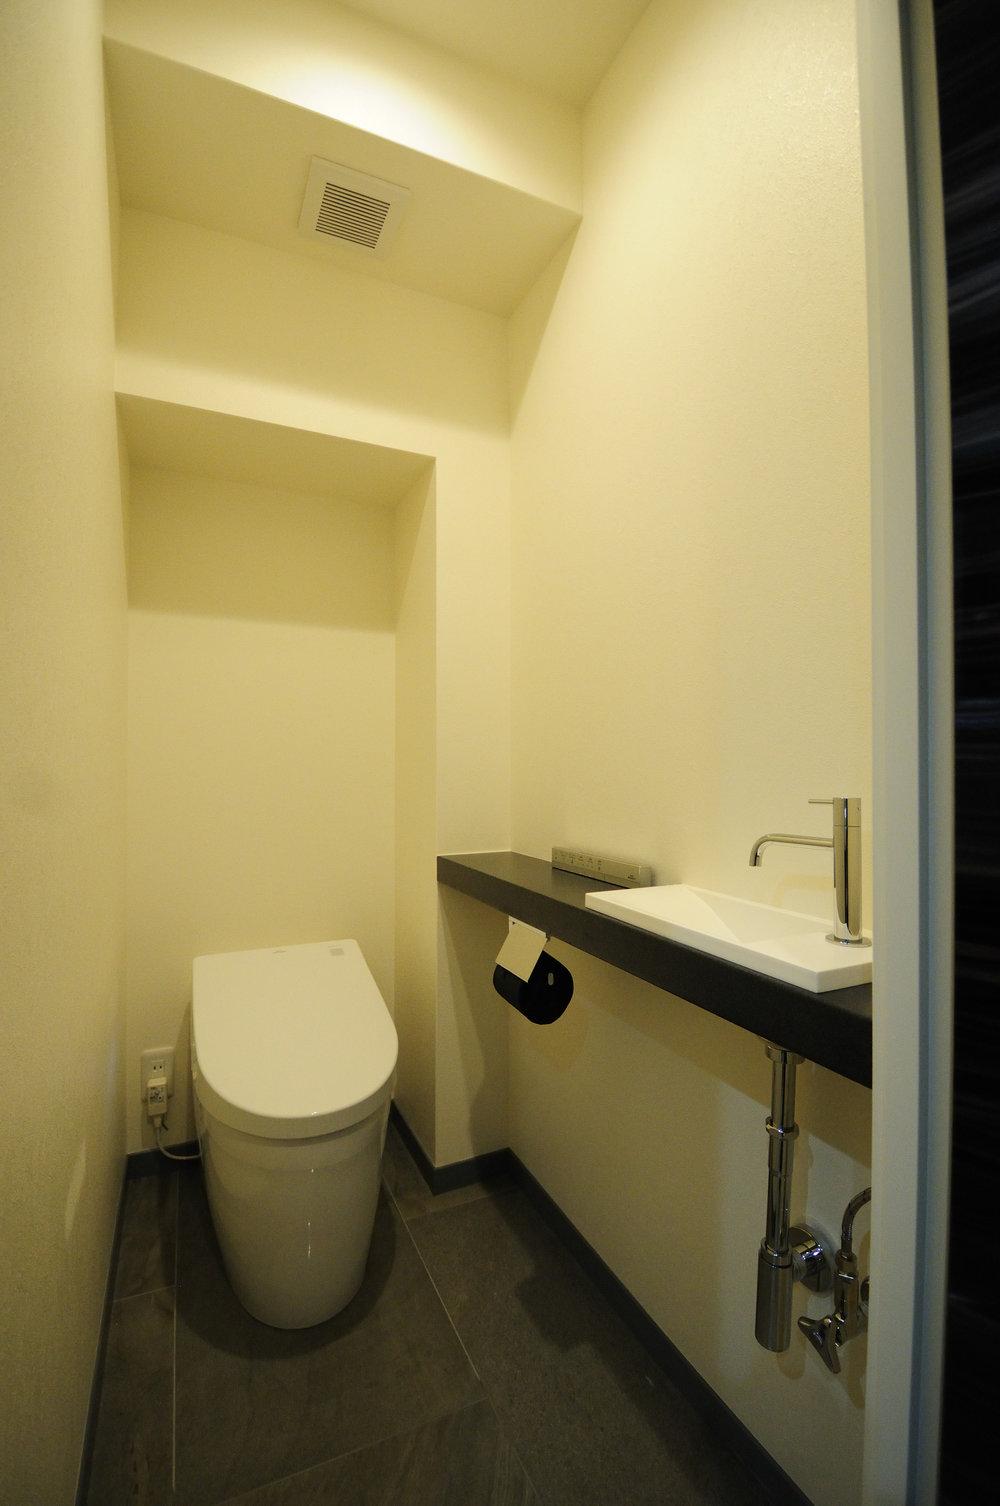 床は洗面と合わせイタリア製タイルで空間を統一。空間に溶け込むようなタンクレストイレと手洗器(CEL430)を設置、洗練された印象に。